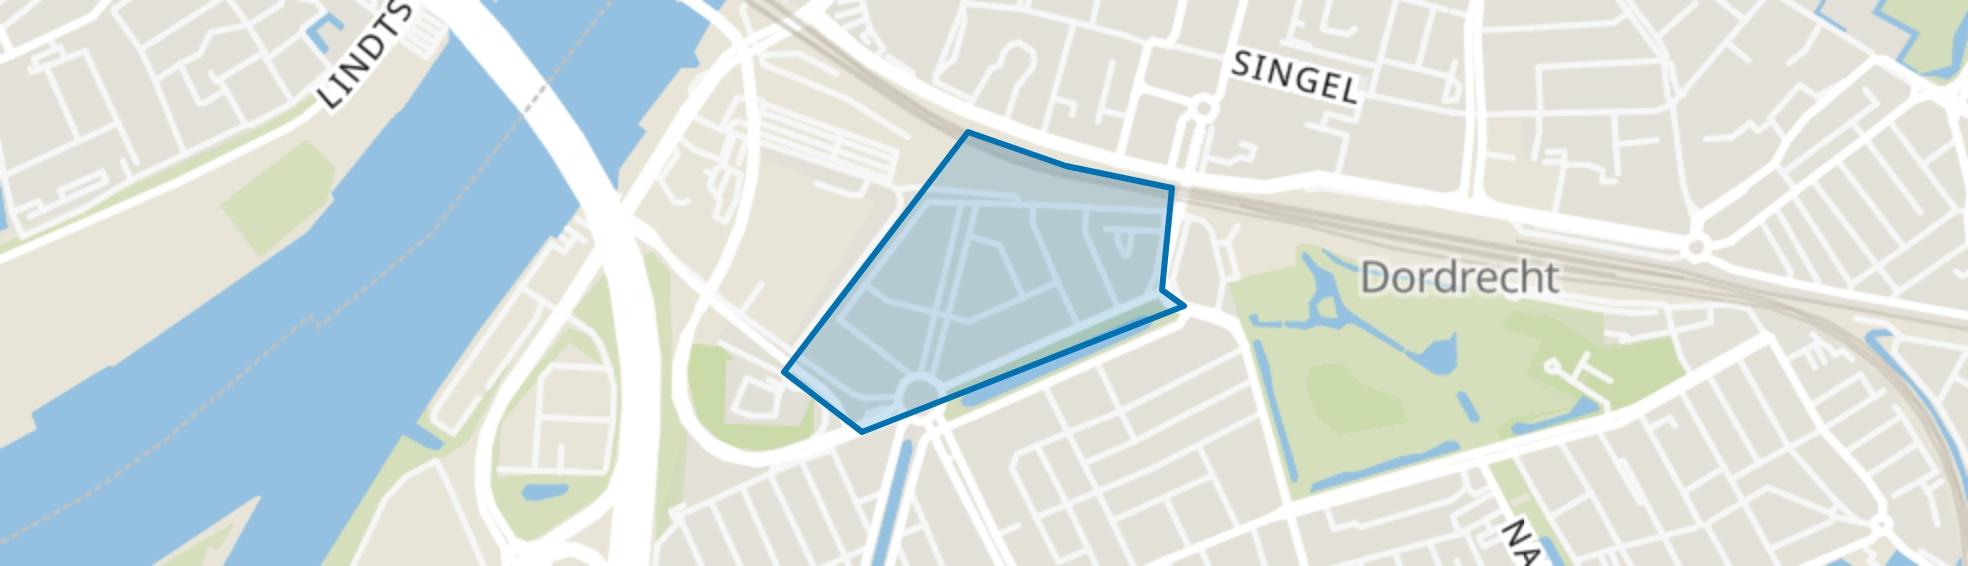 Erasmuslaan en omgeving, Dordrecht map